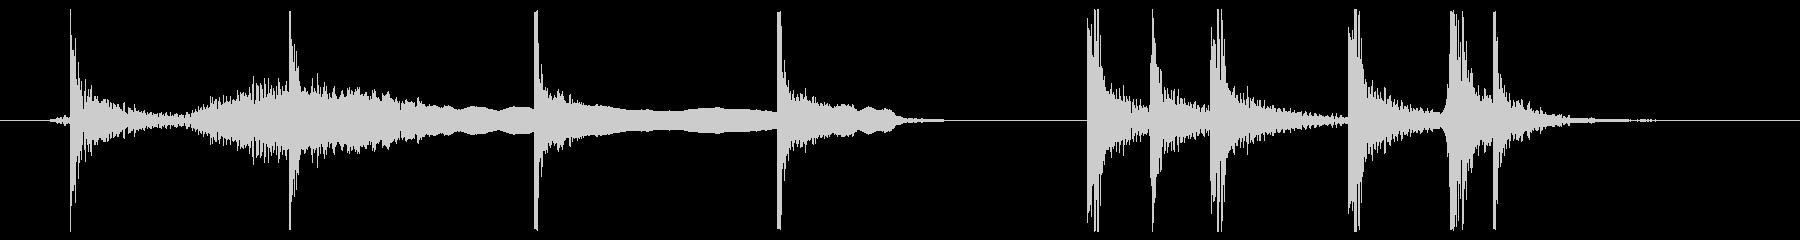 カブキ10秒ジングルシリーズ②ですの未再生の波形